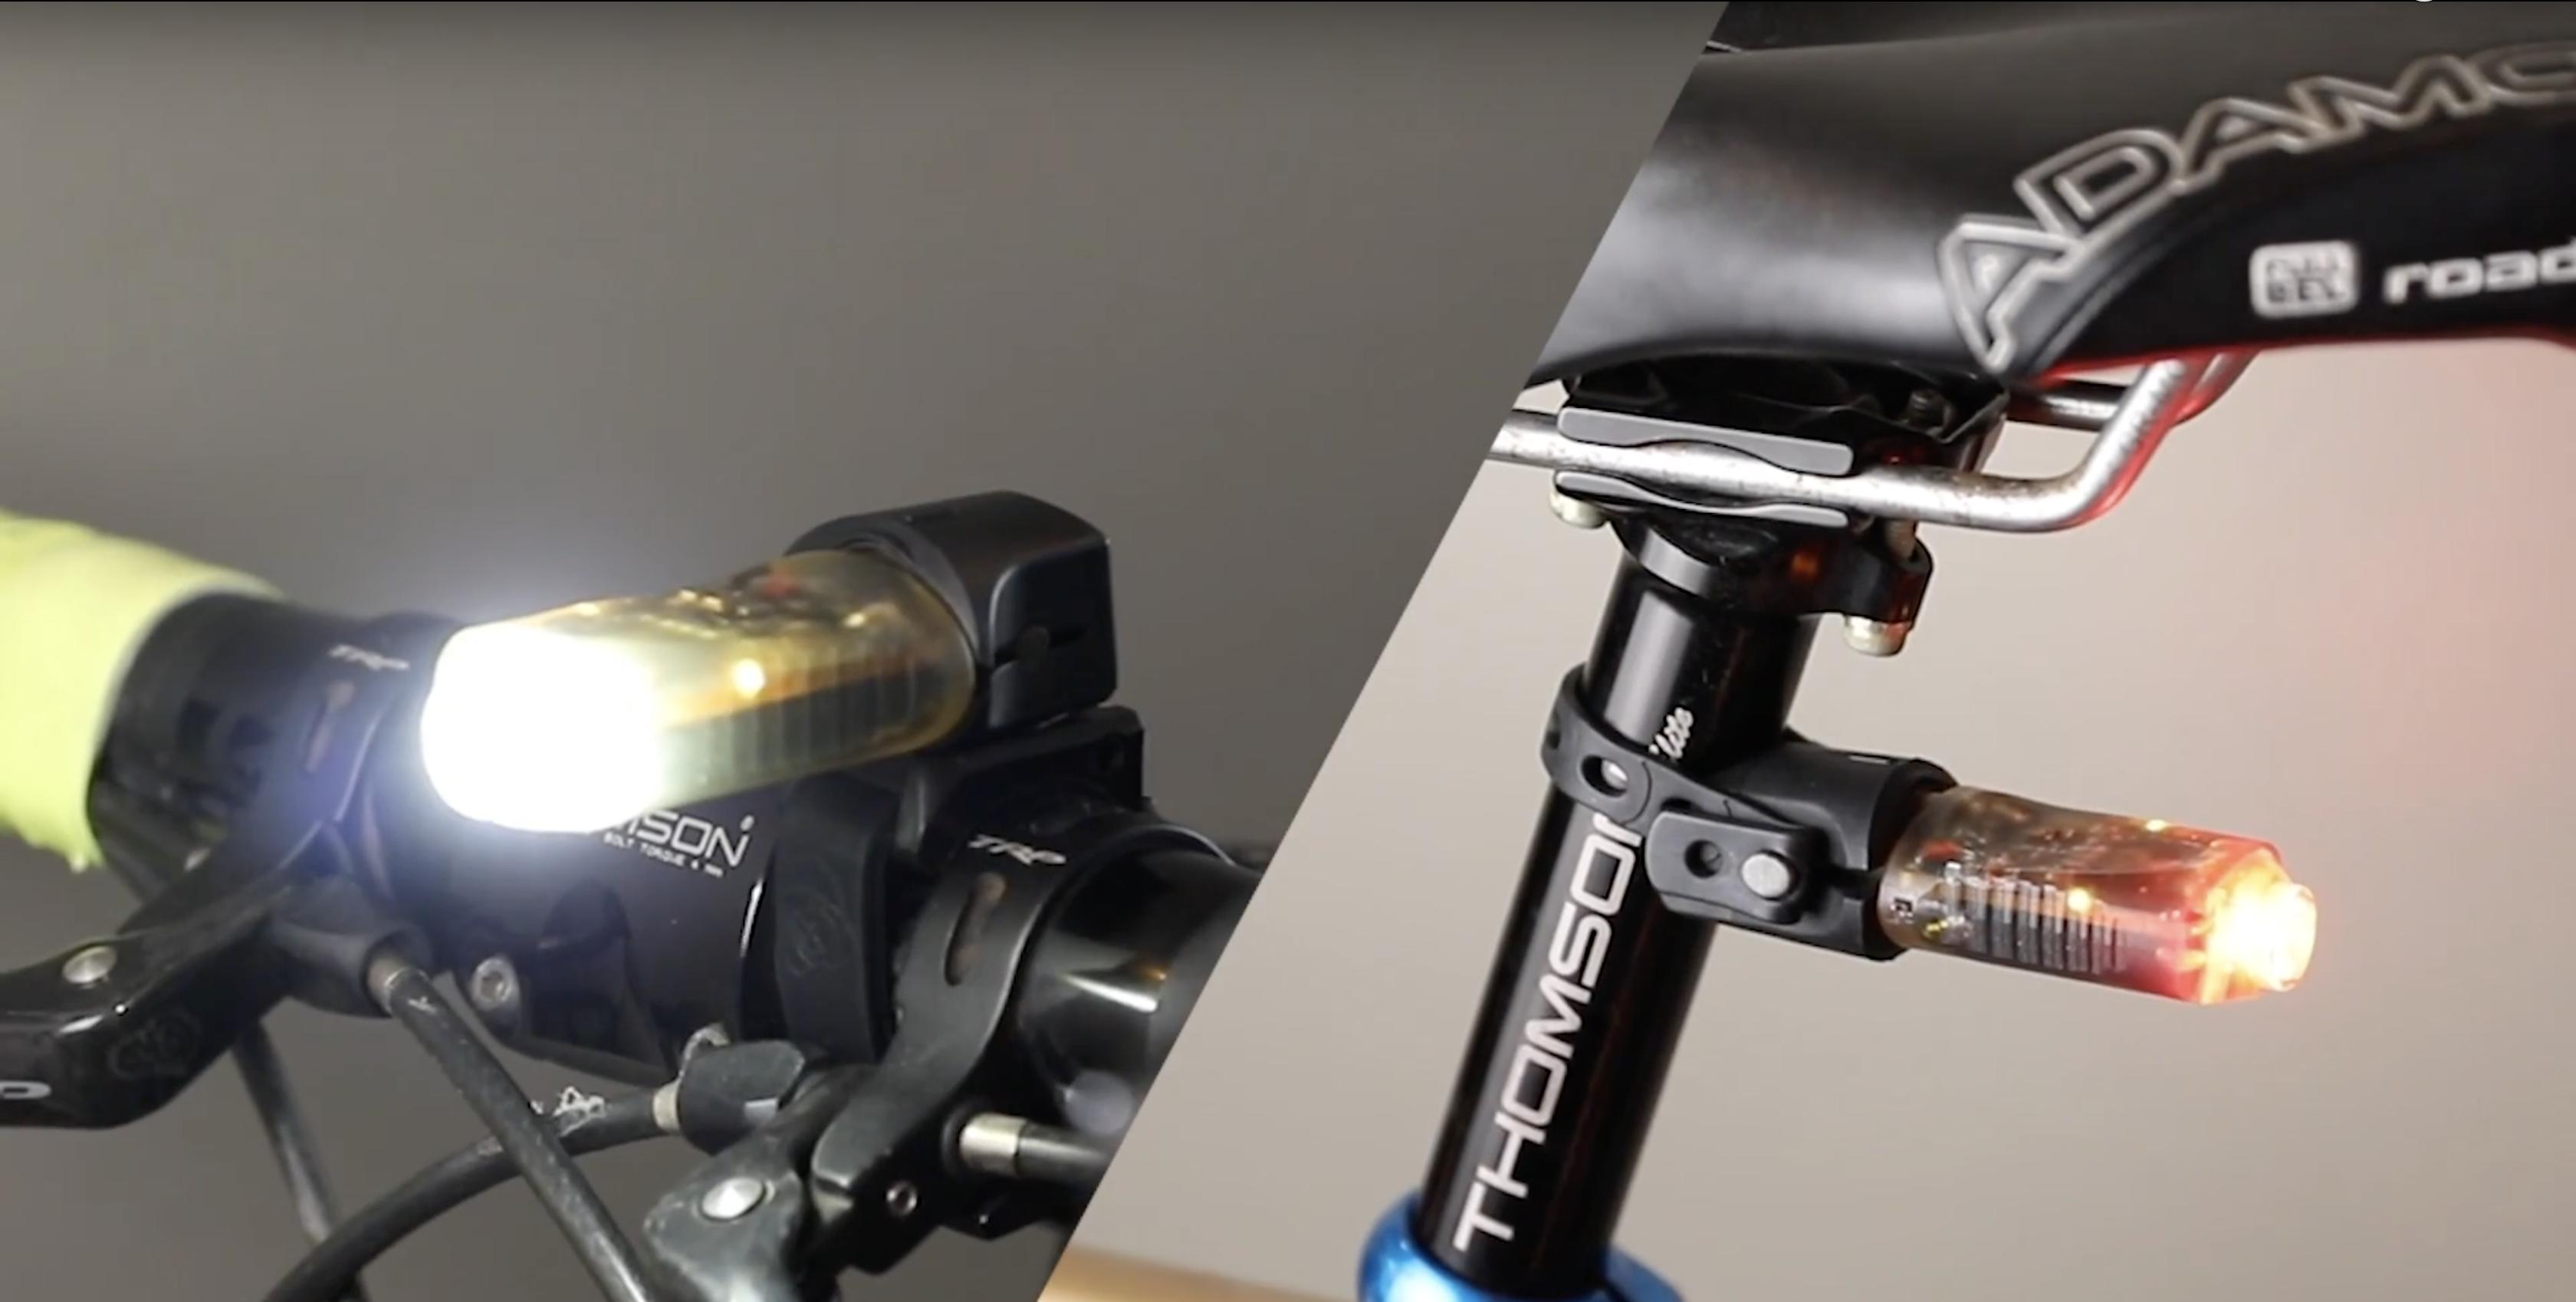 Vya lights luci per bici che si accendono grazie ad un colpo di